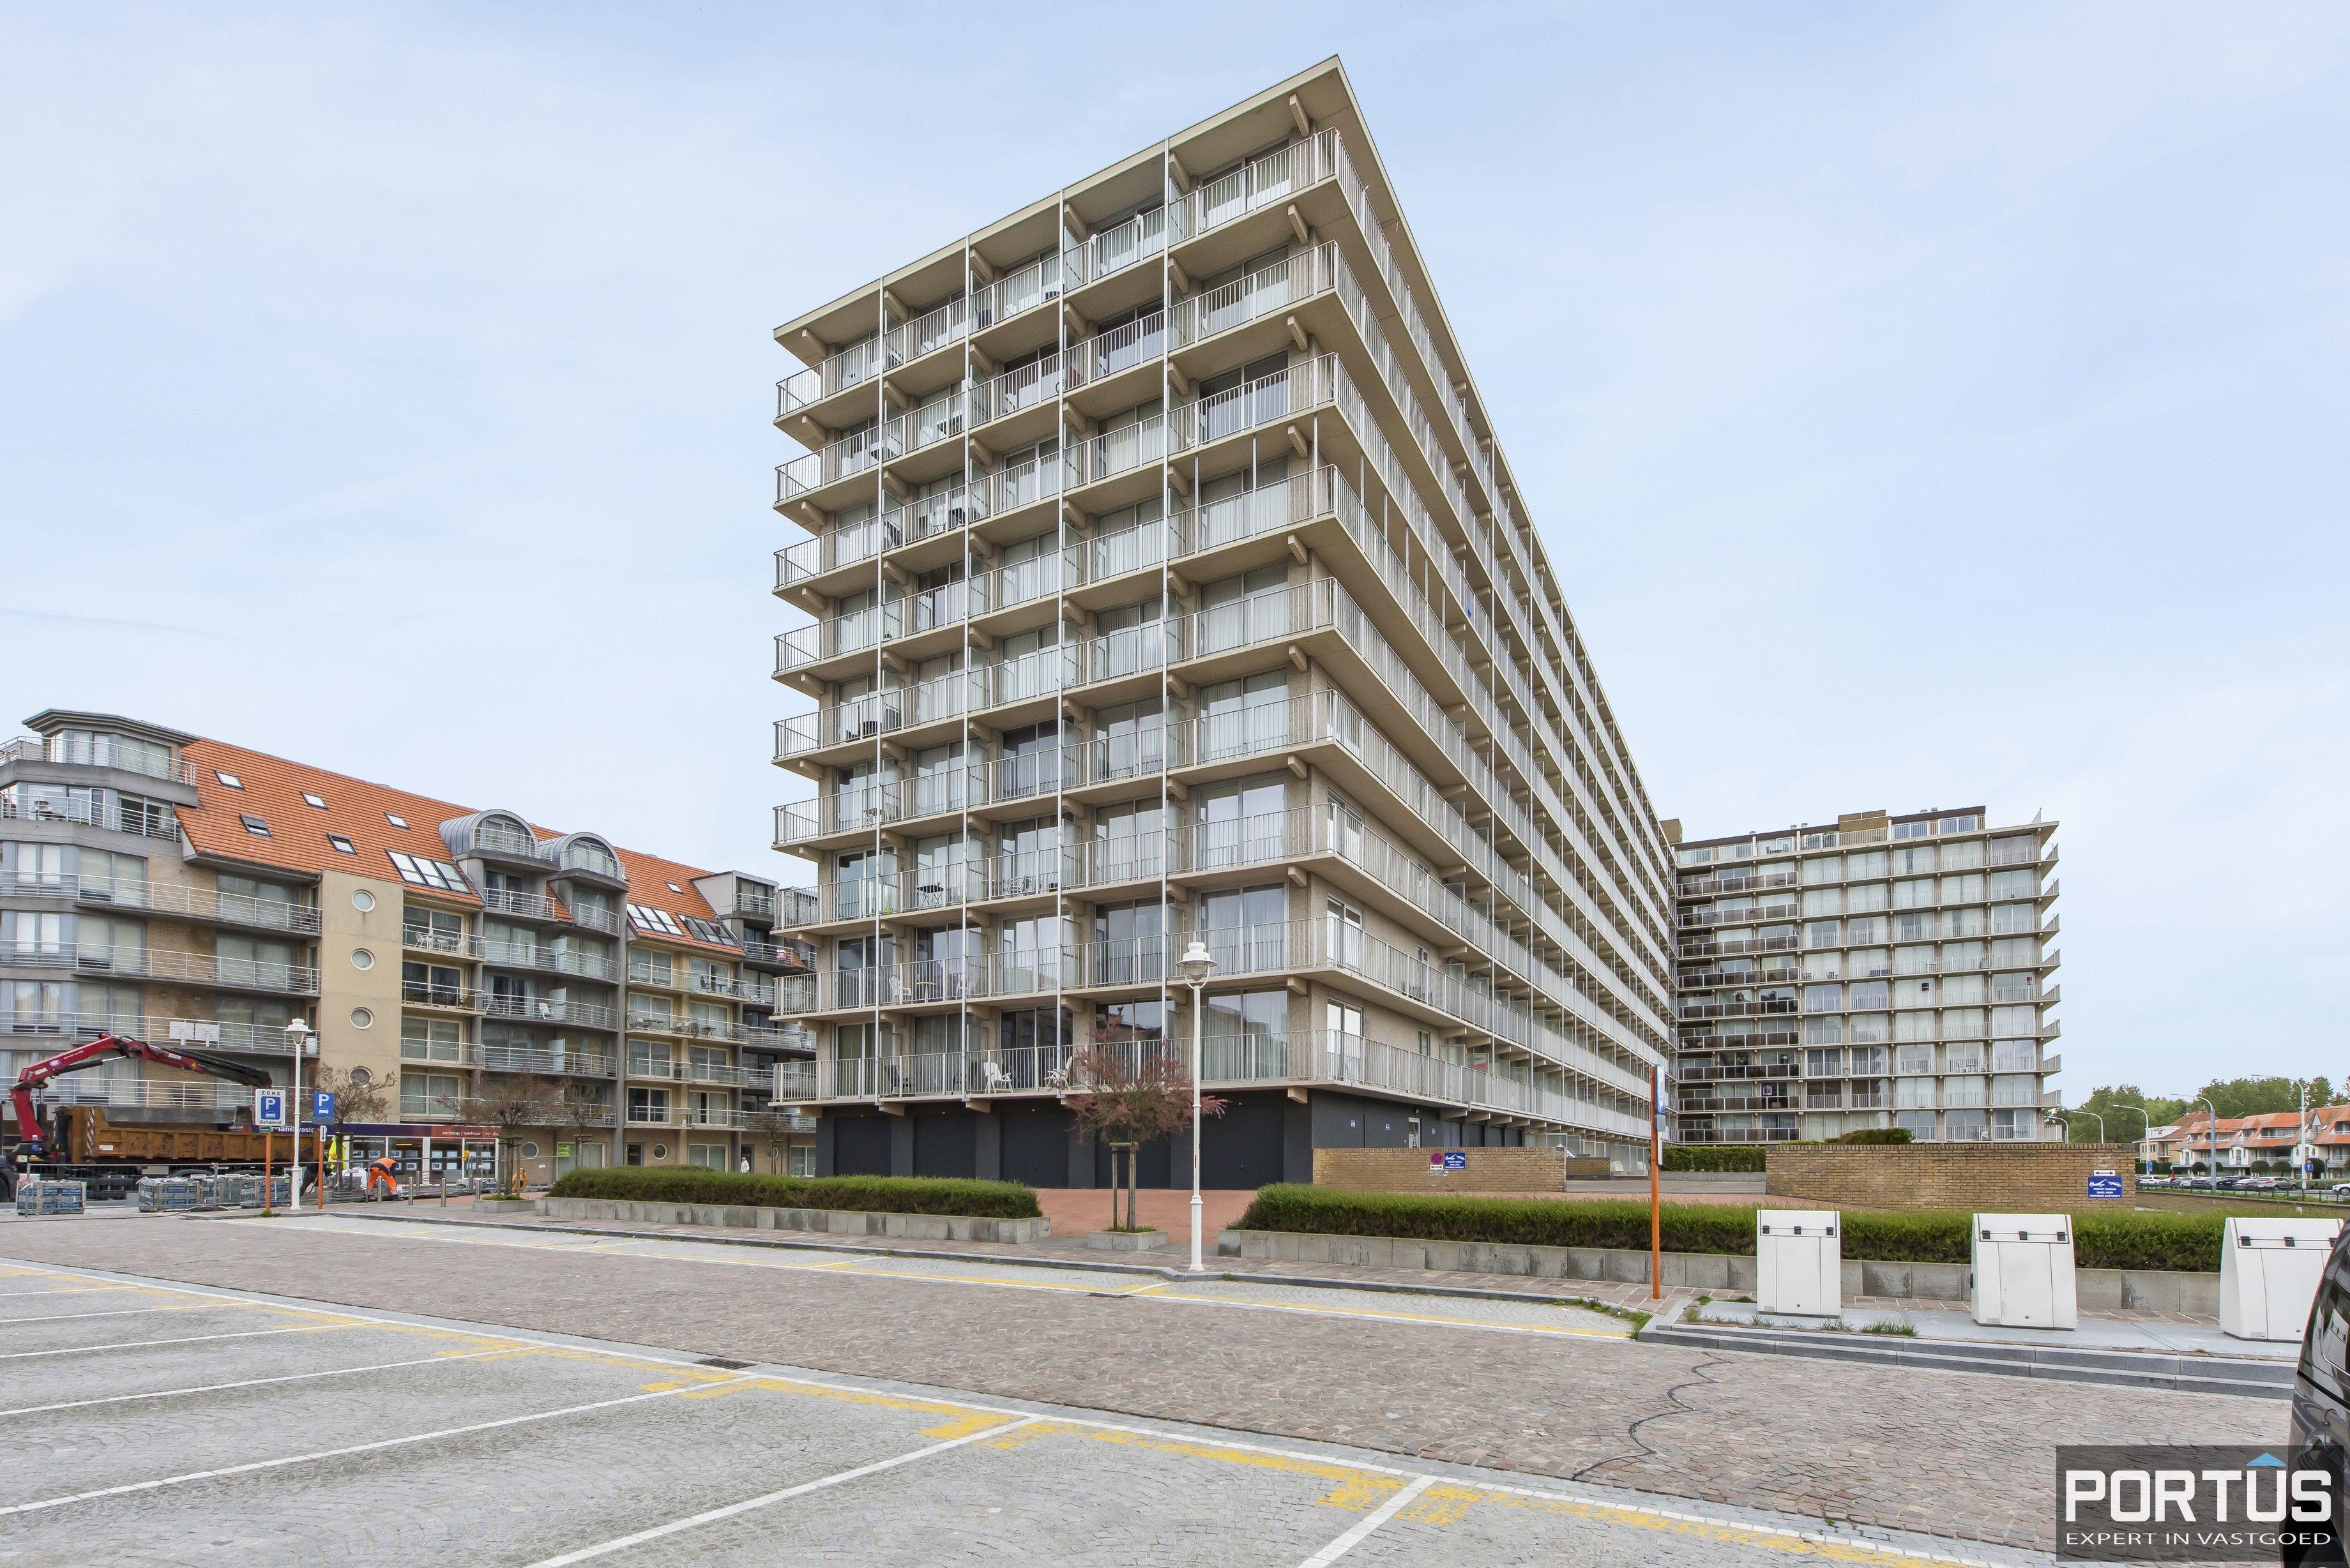 Appartement met staanplaats en berging te huur Nieuwpoort - 9715